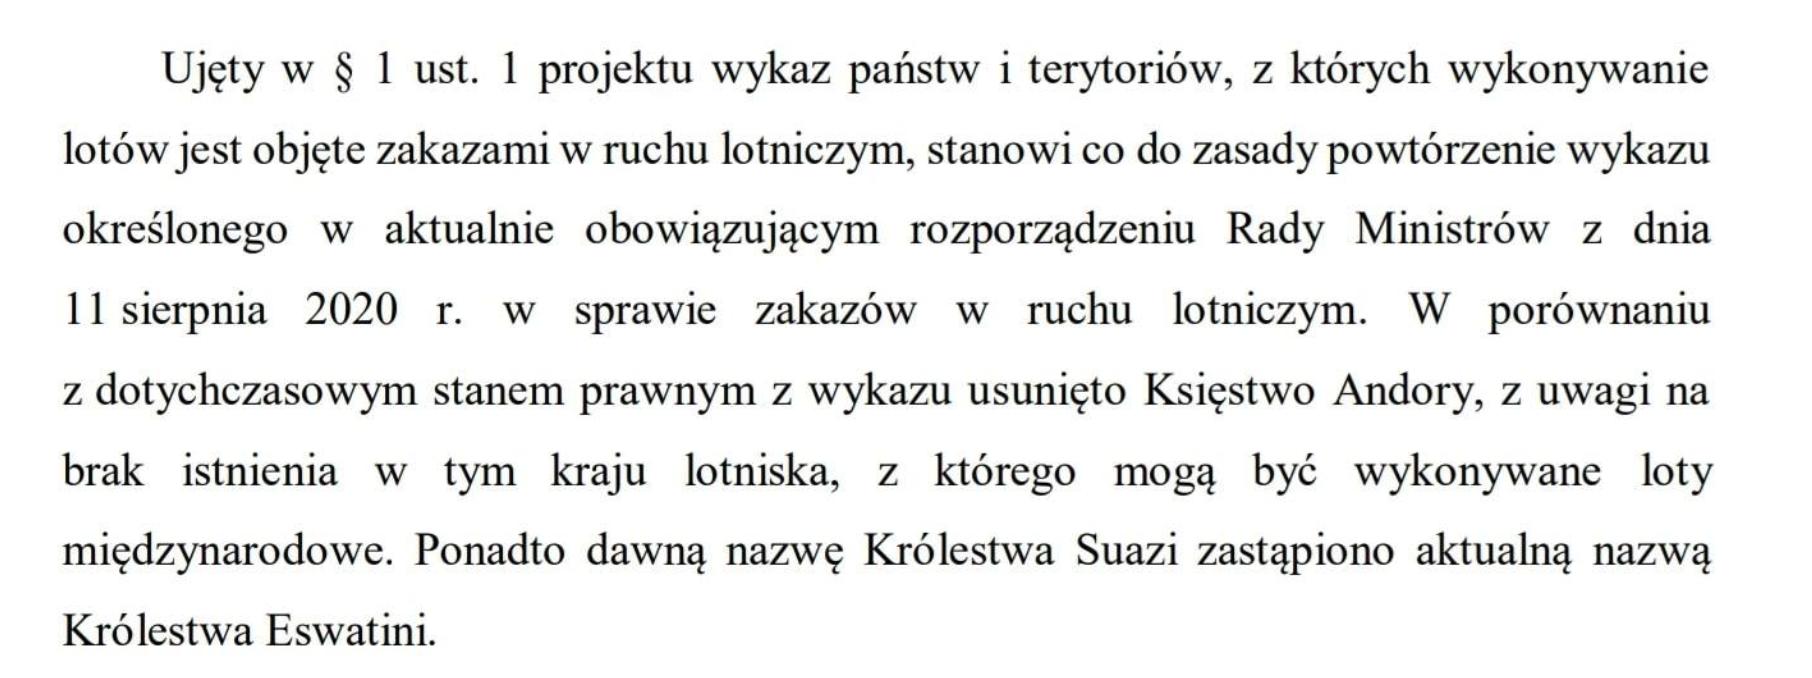 Polska zniosła zakaz lądowań samolotów z Andory